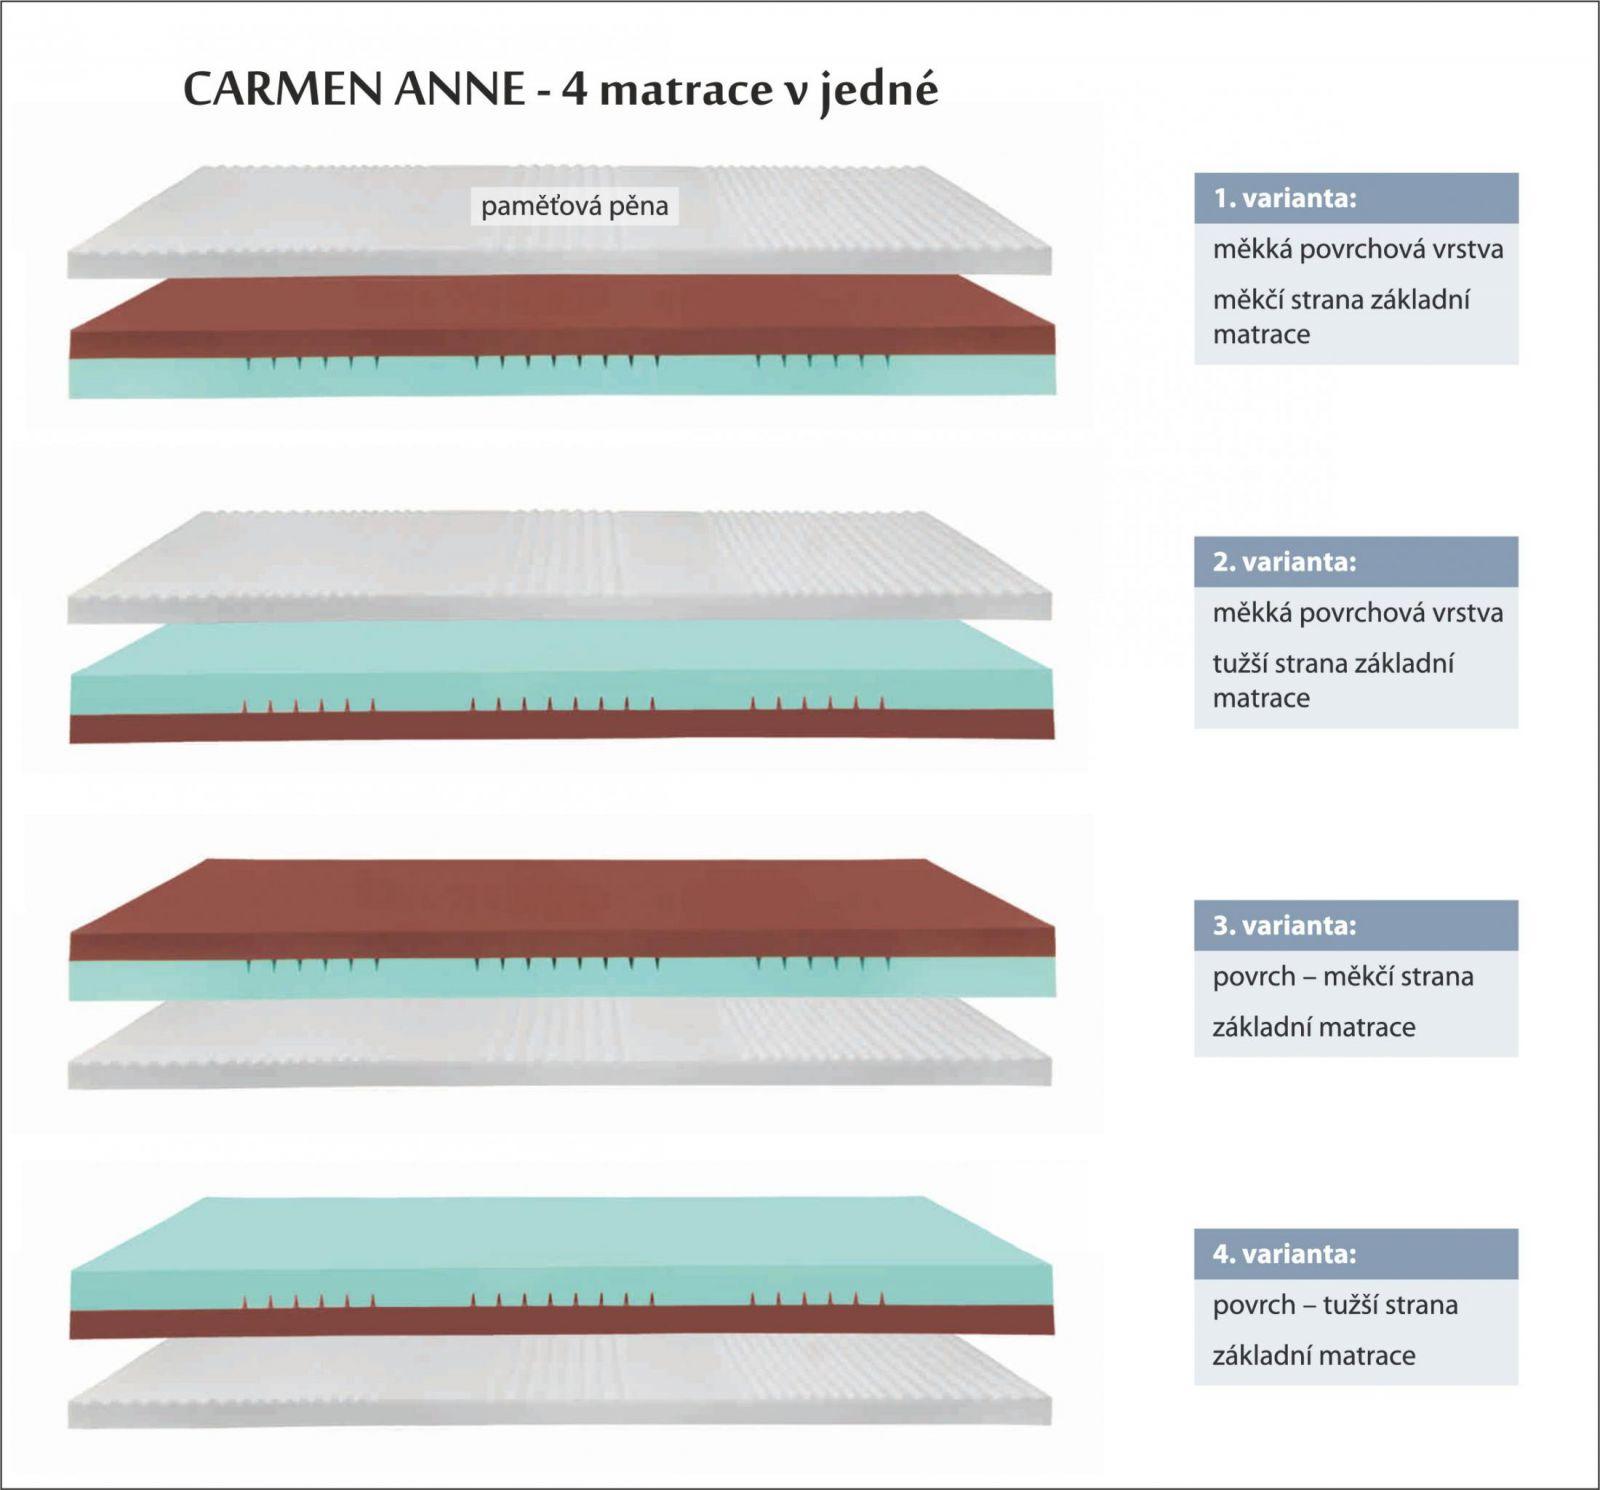 matrace CARMEN ANNE - 4 matrace v jedné + dárek SNOOZE